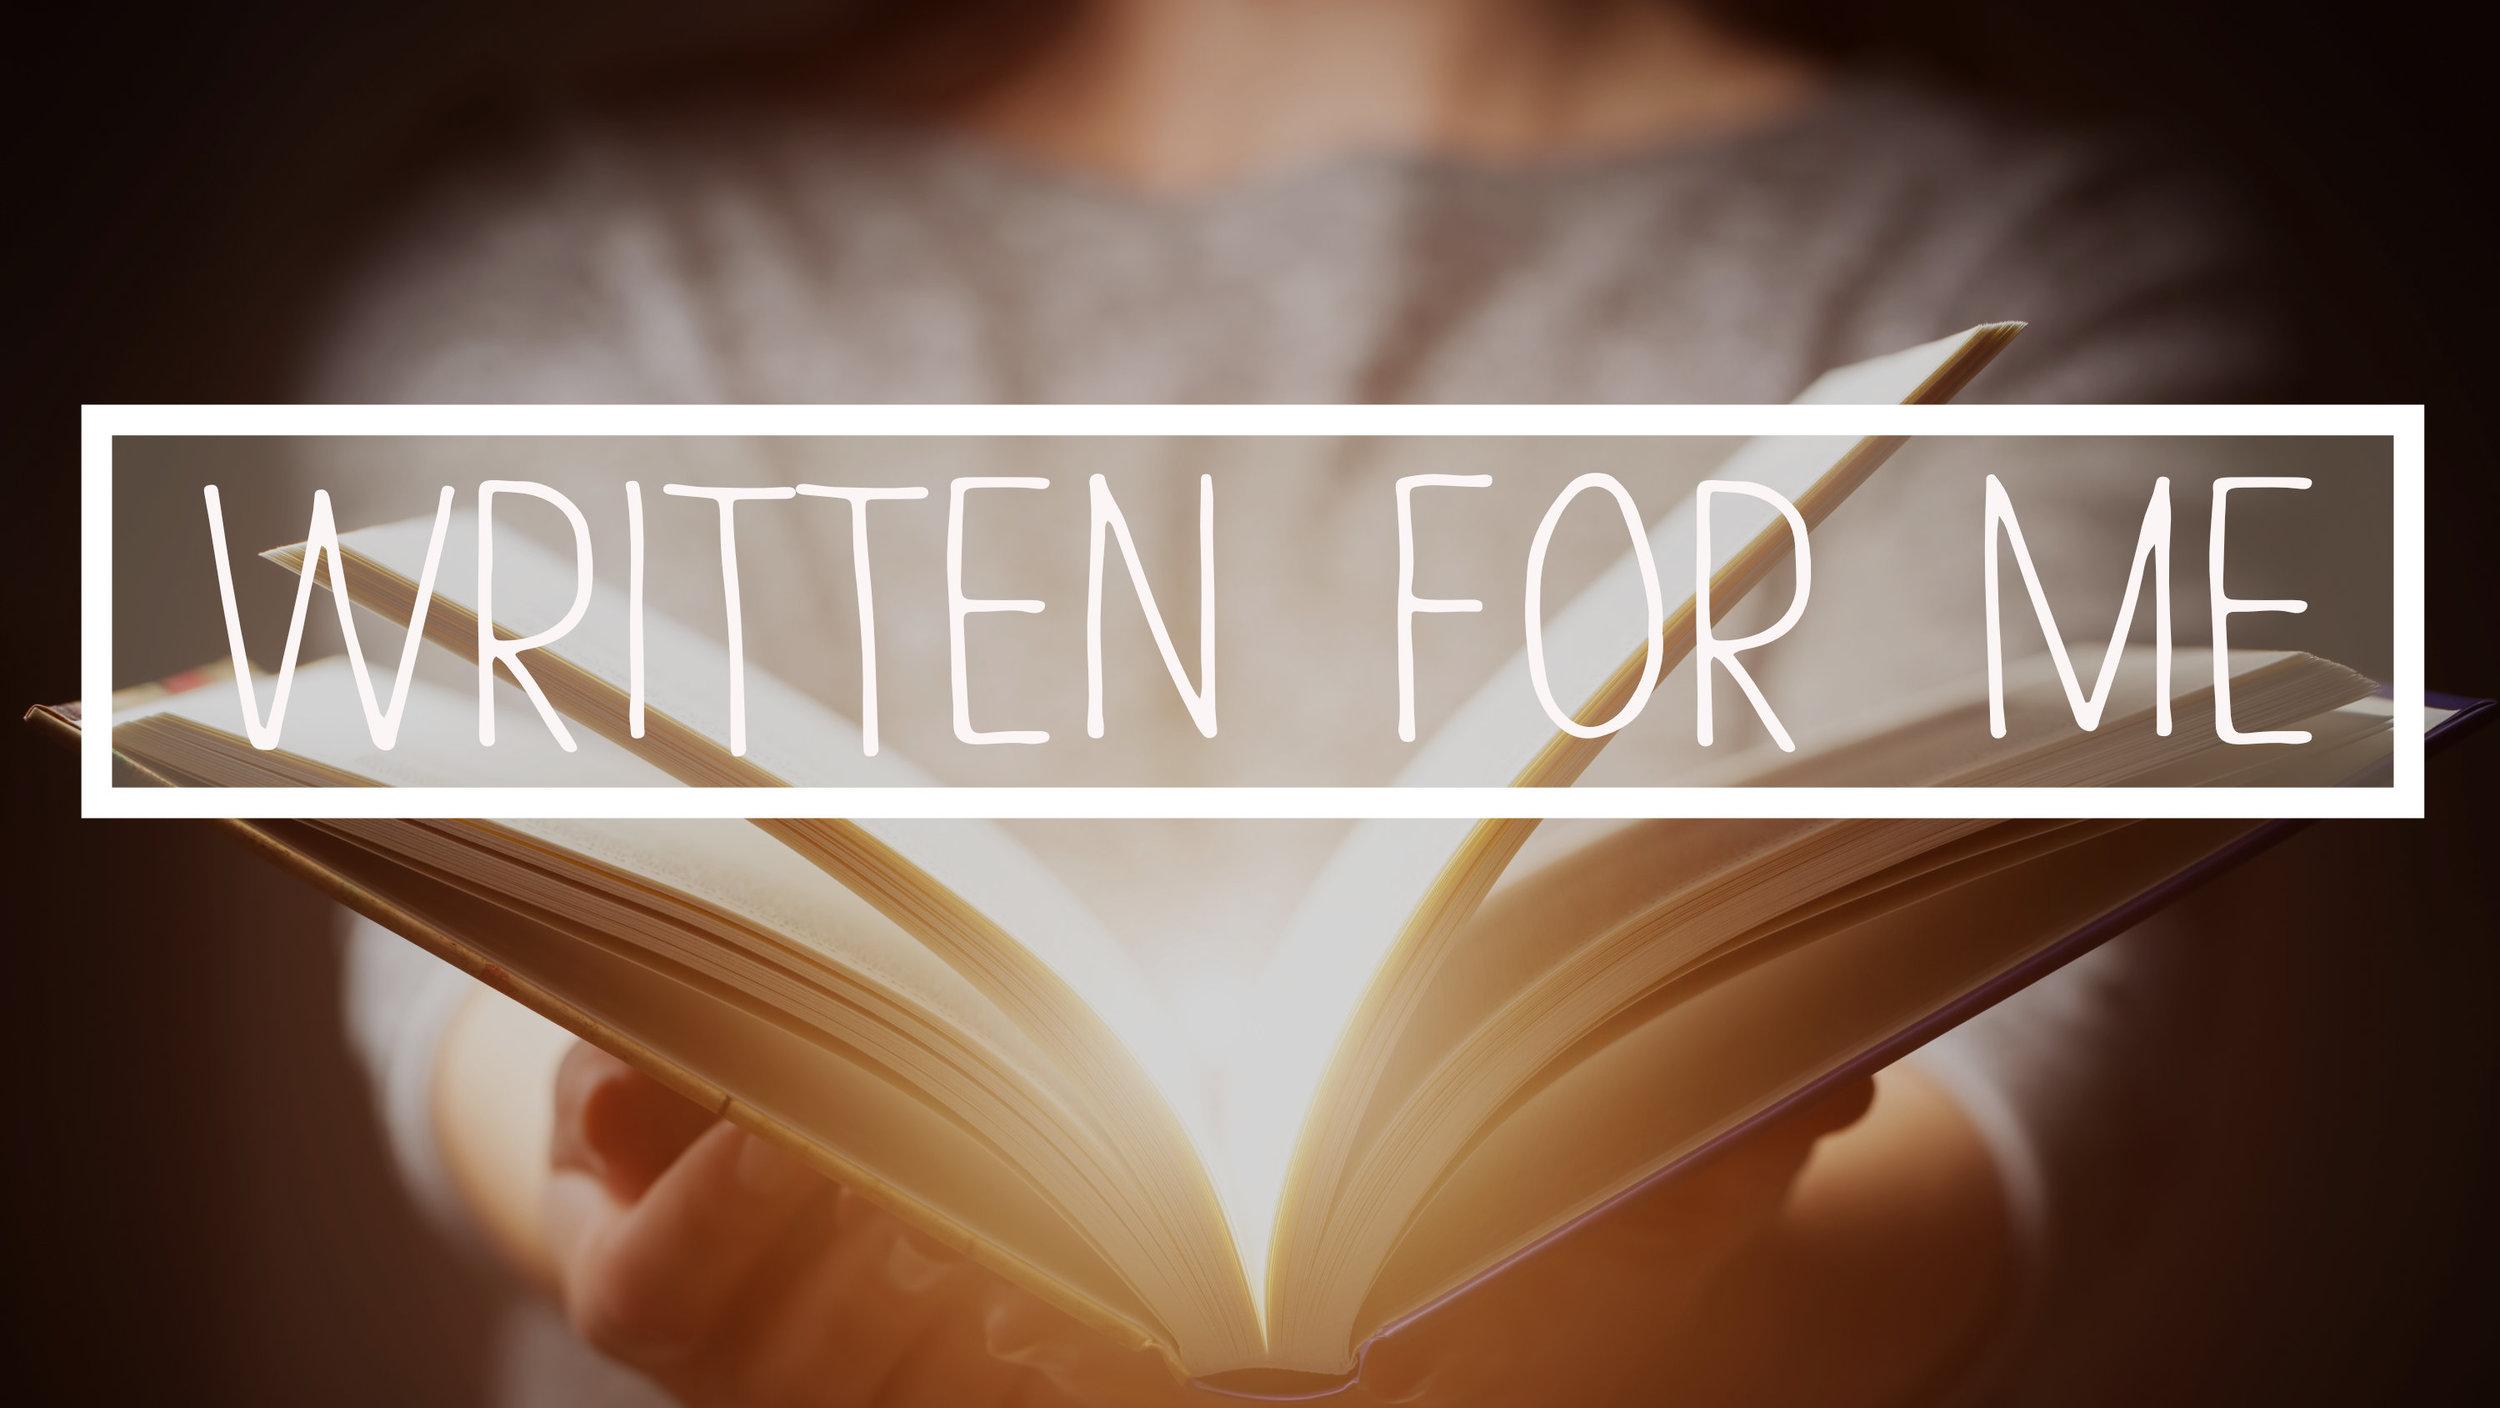 Written For Me